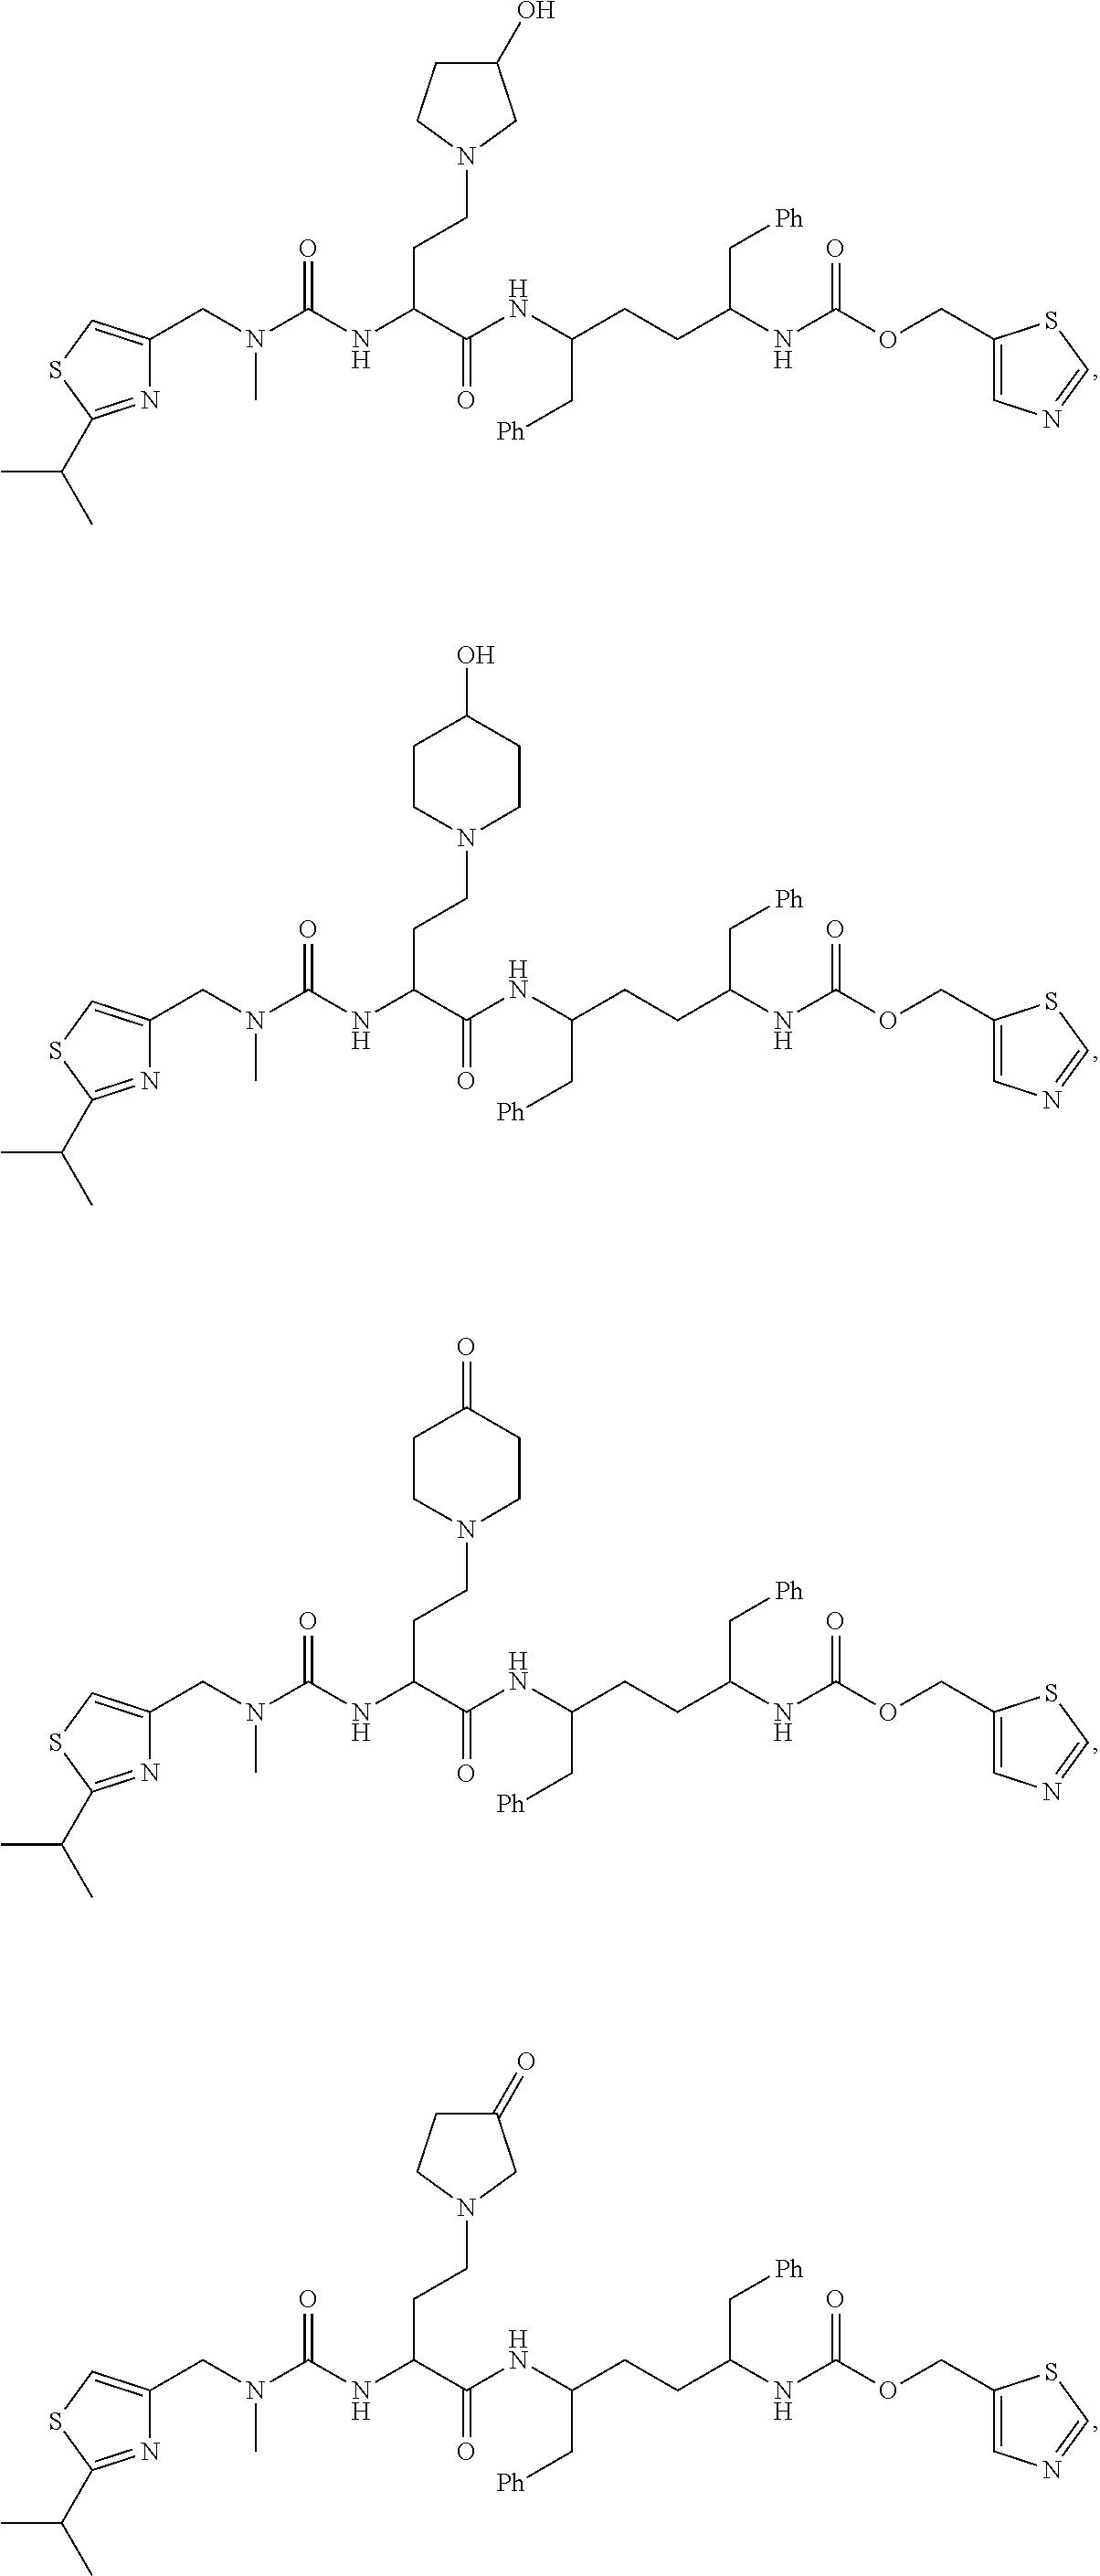 Figure US09891239-20180213-C00079